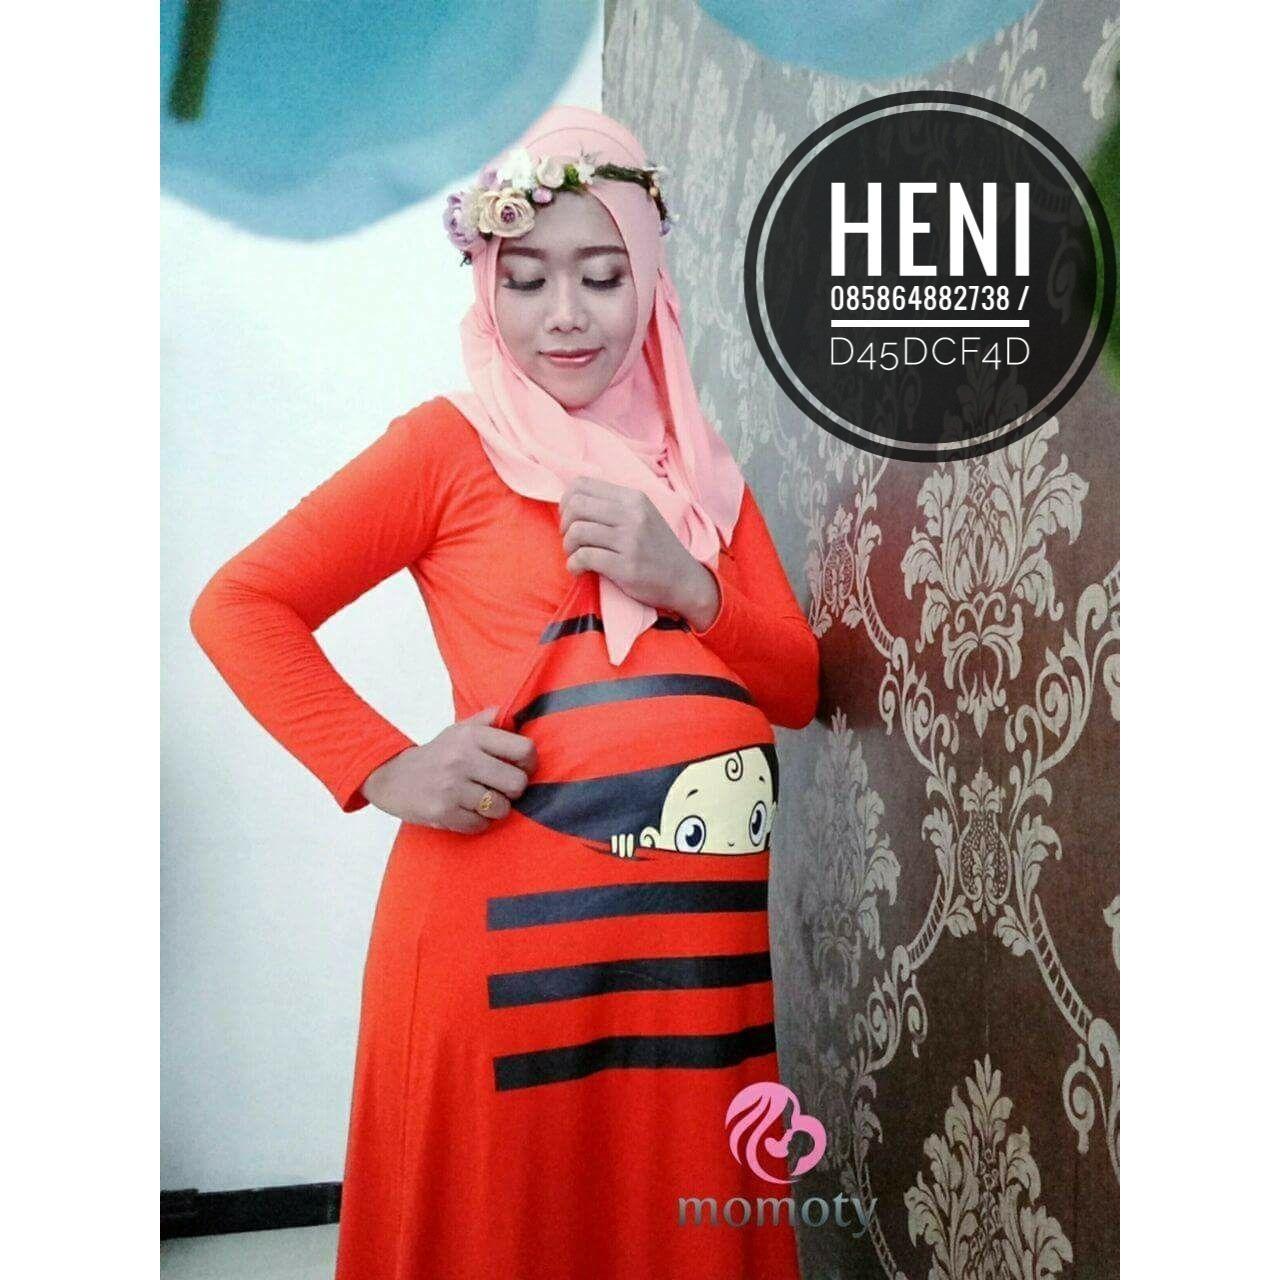 Fitur Baju Hamil Dan Menyusui Premium Maxi Dress Bp1 Momoty Orange Kaos Band Twenty One Pilots Original Gildan Cliqueart 2